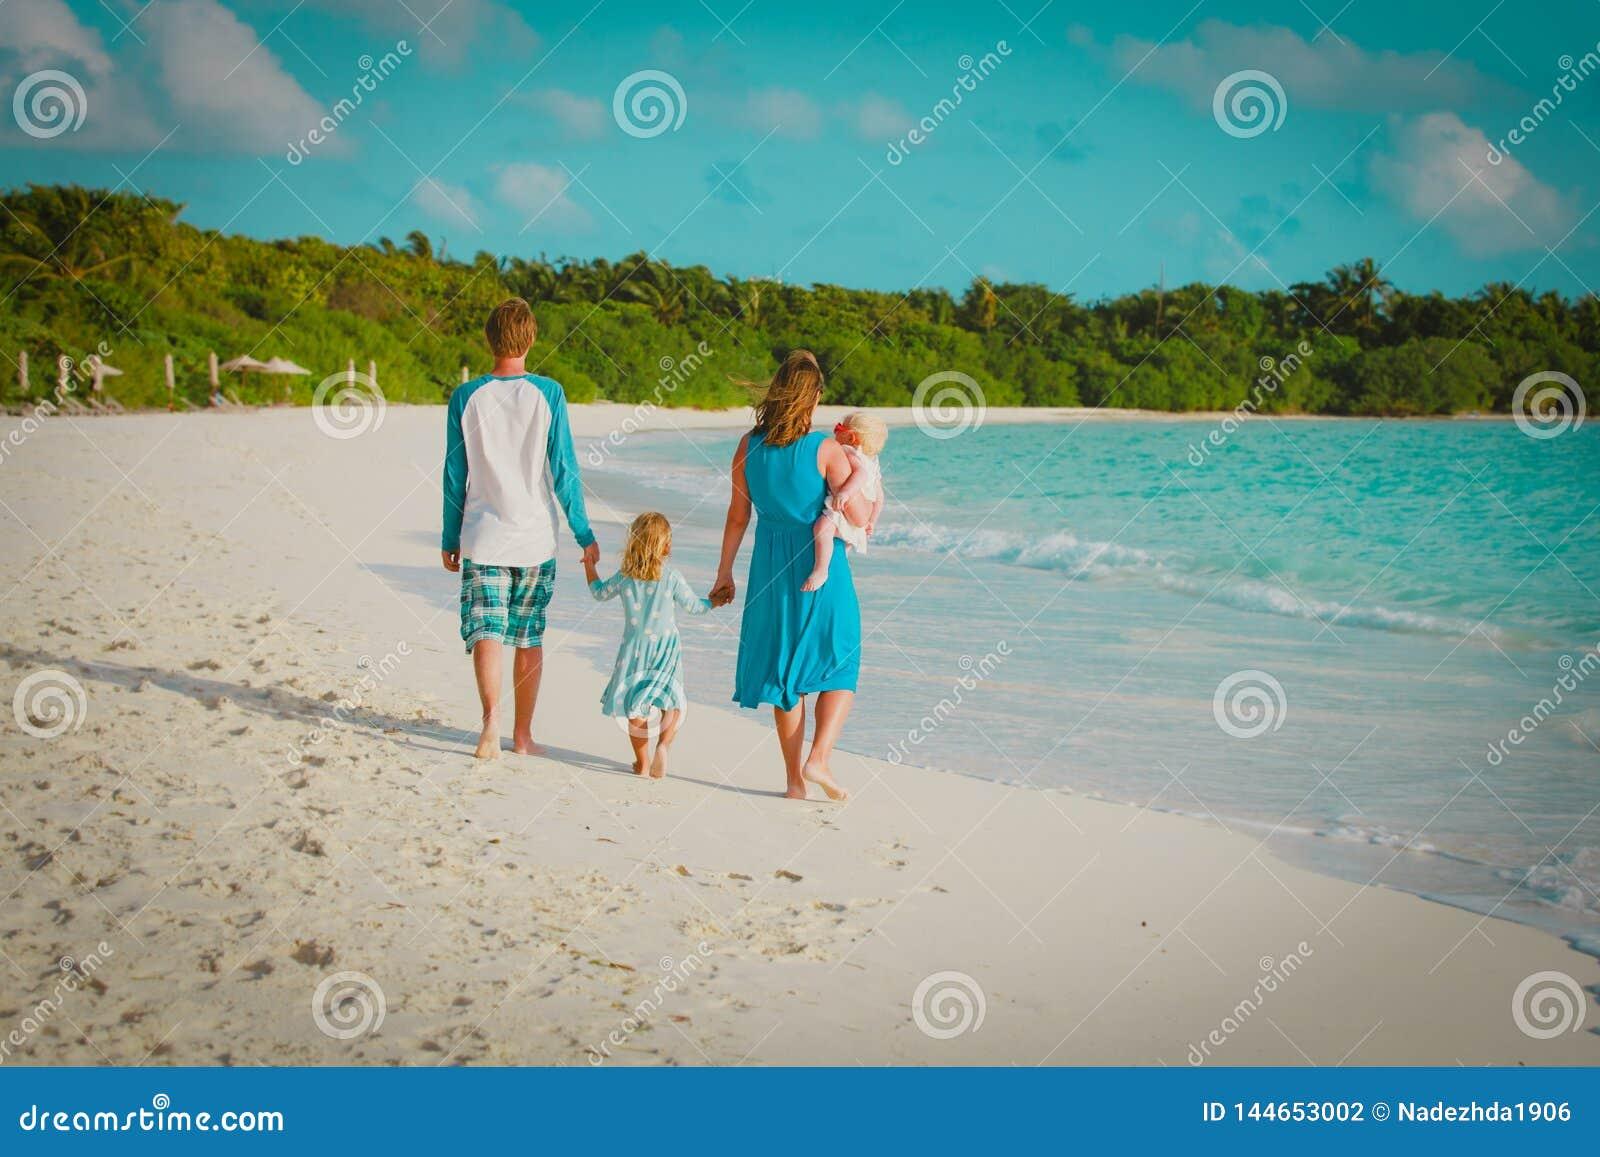 A fam?lia feliz com crian?as anda na praia tropical